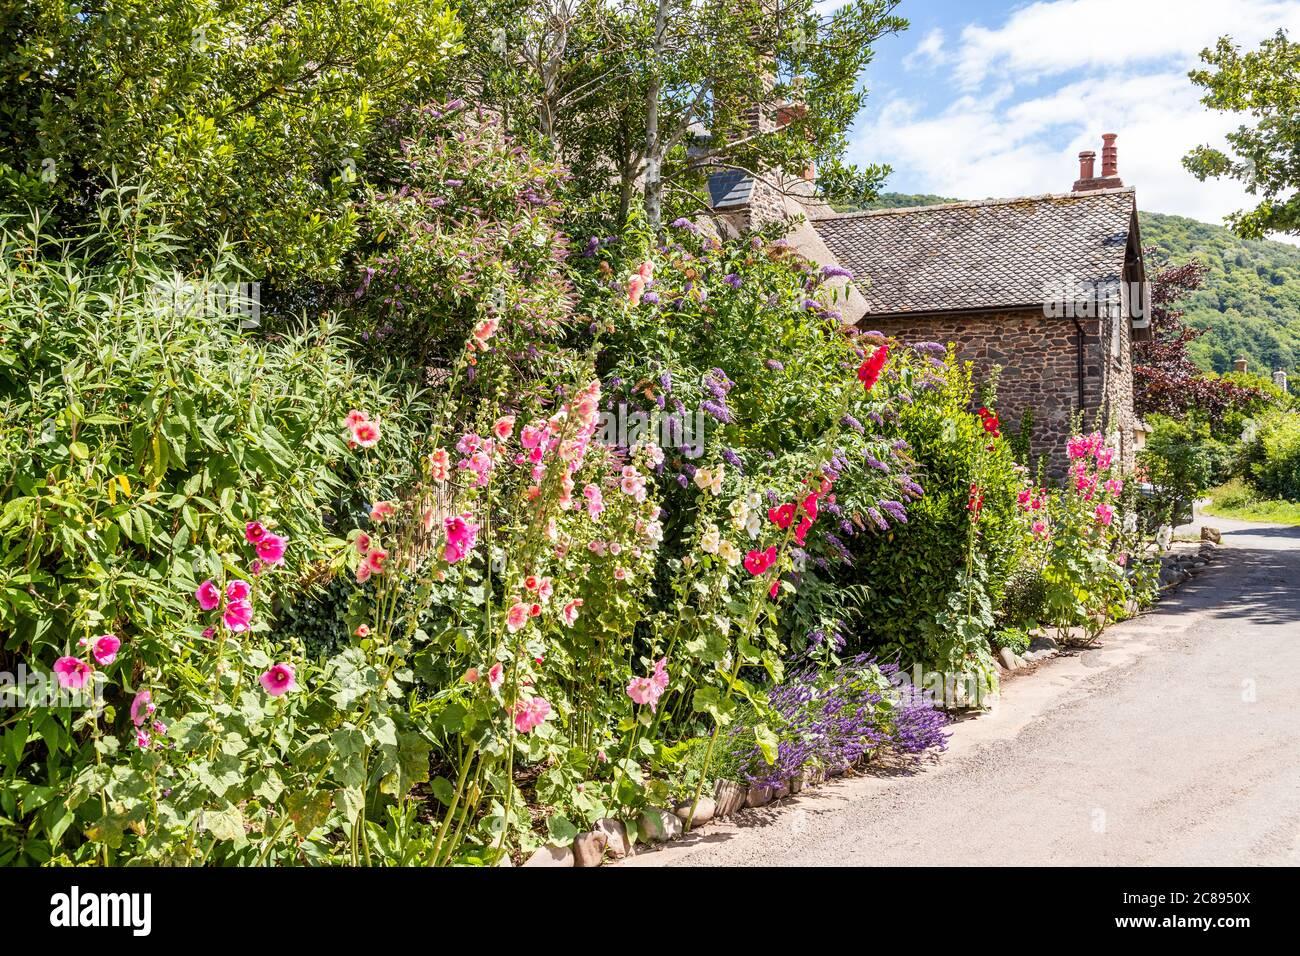 Hollyhocks floreciendo al lado de un carril en el Parque Nacional Exmoor en el pueblo de Bossington, Somerset, Reino Unido Foto de stock